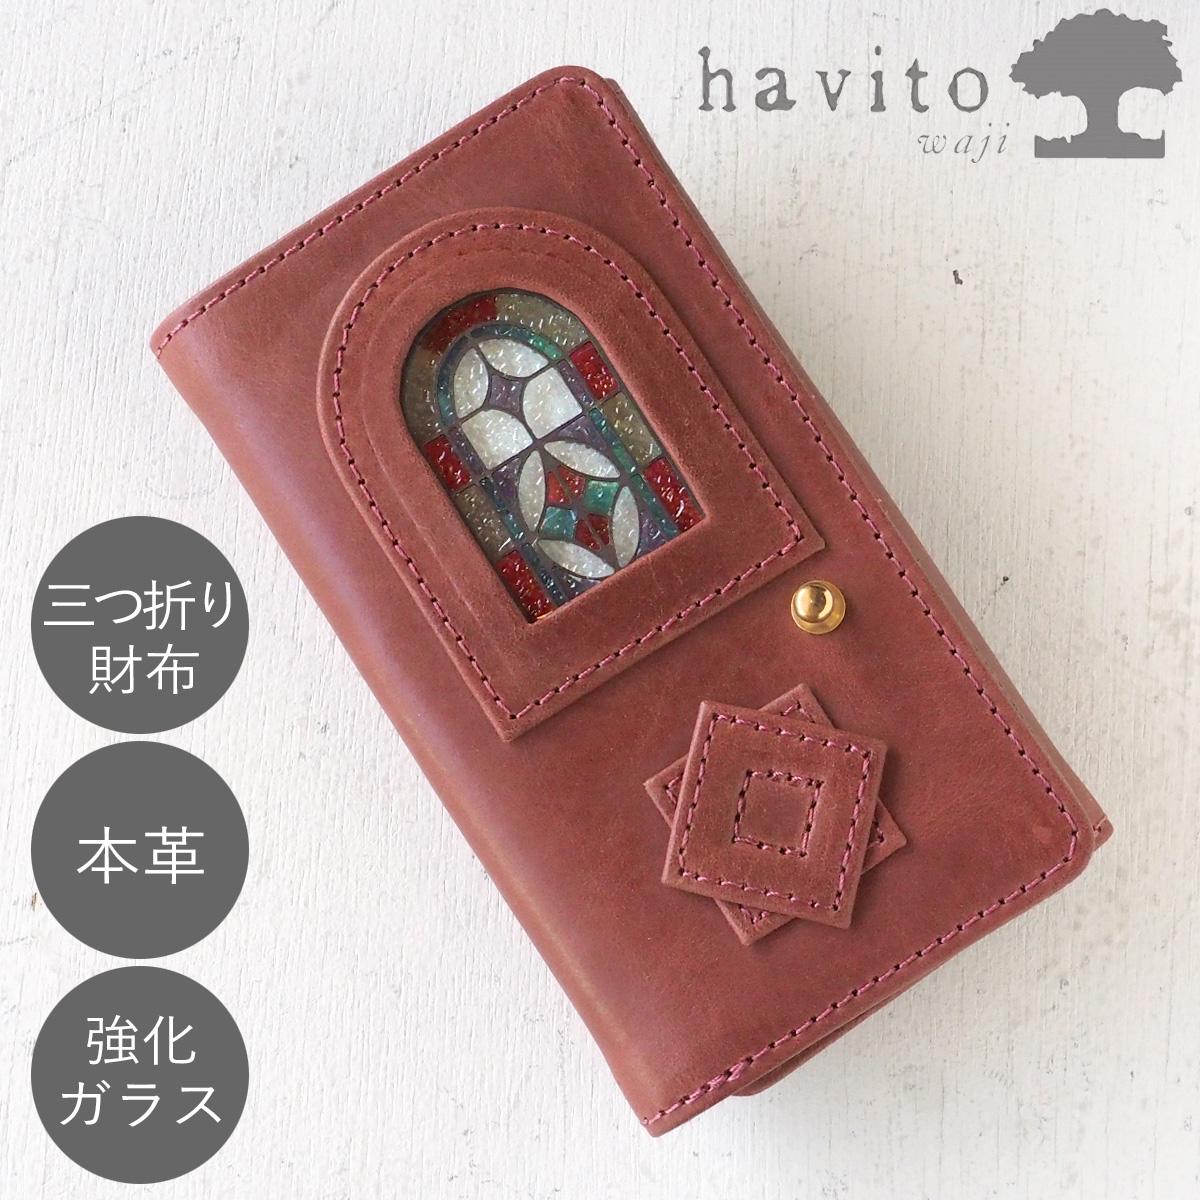 havito(ハビト) by waji(ワジ) glart 三つ折り財布 デザイン硝子×オイルレザー アンティークドア レッド [H0212-RE]